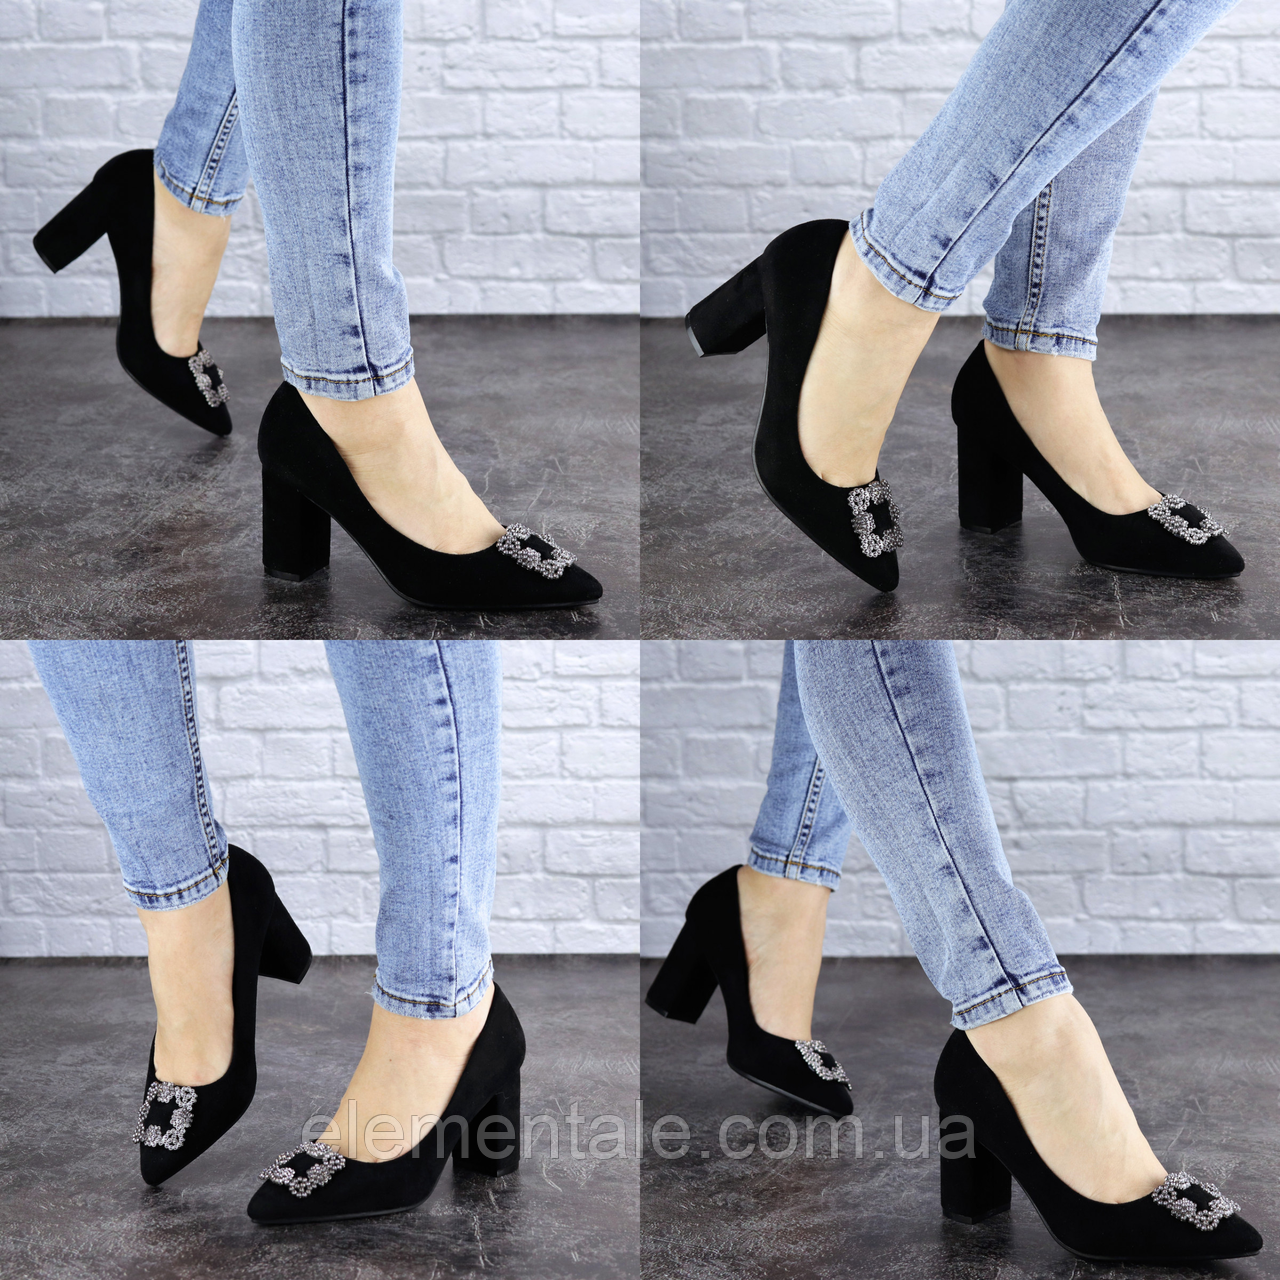 Женские туфли на каблуке черные Angie 1921 Размер 37 - 24 см